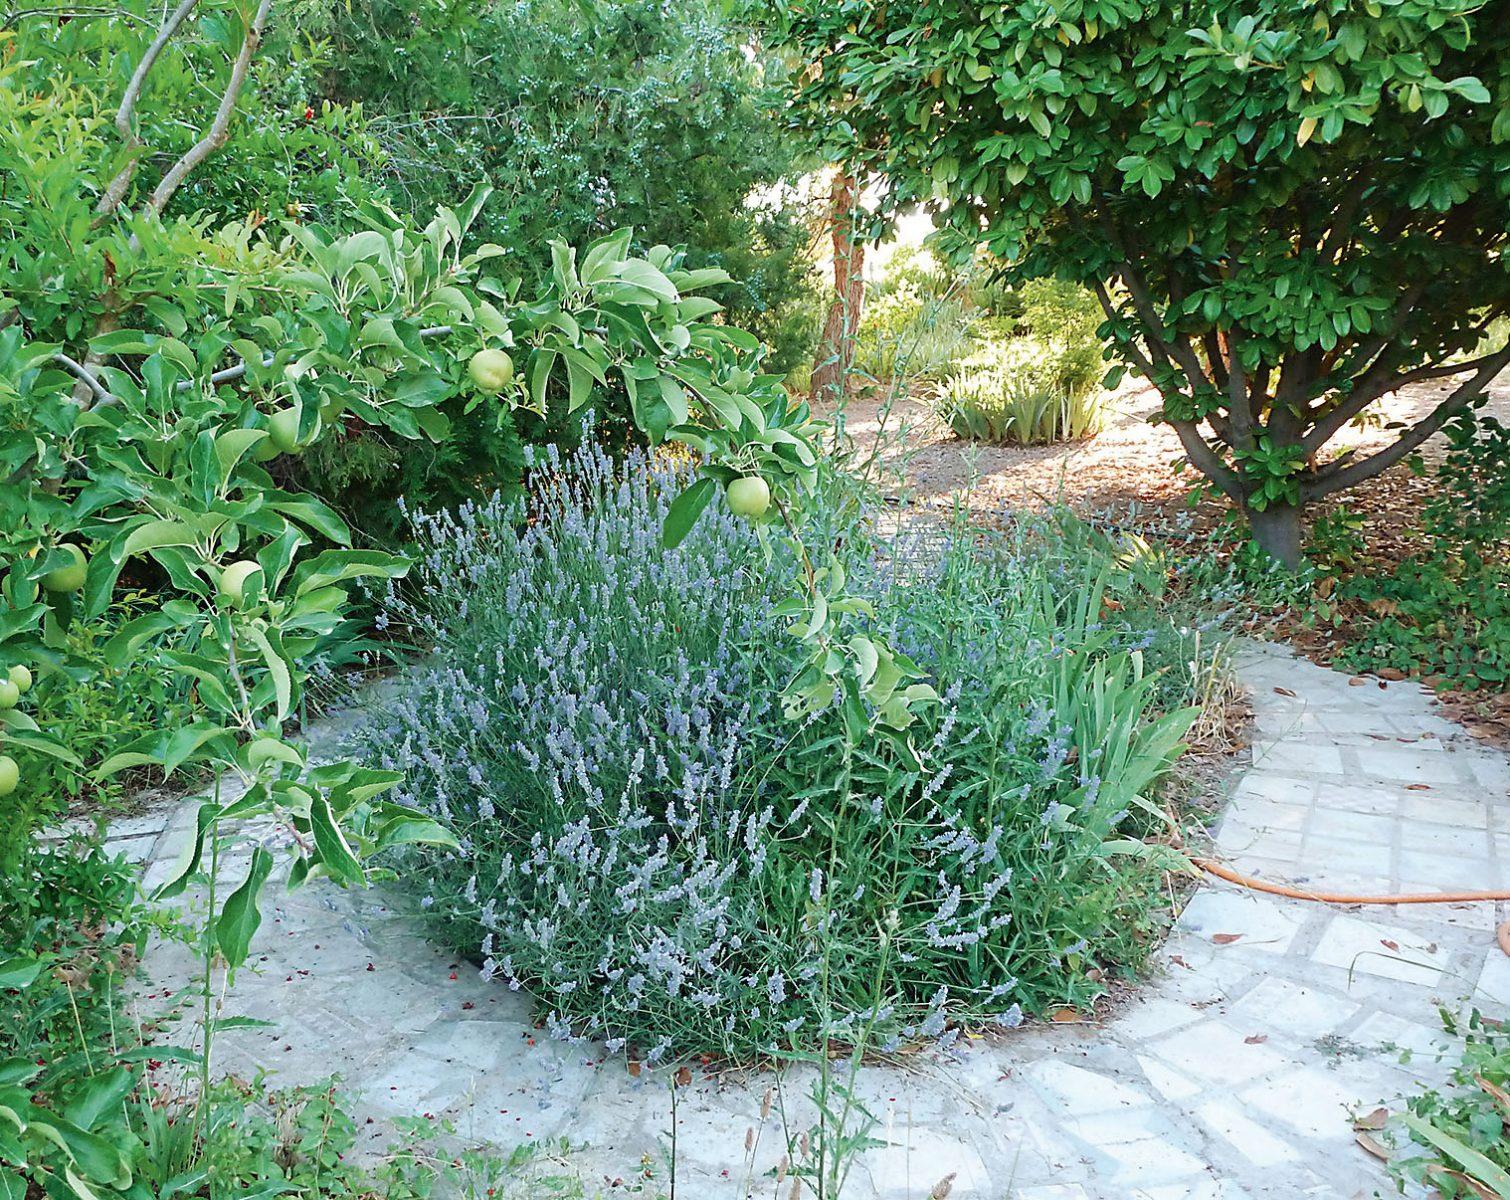 Kunstvolle Wege schaffen besondere Orte für eine bedachte Bepflanzung.